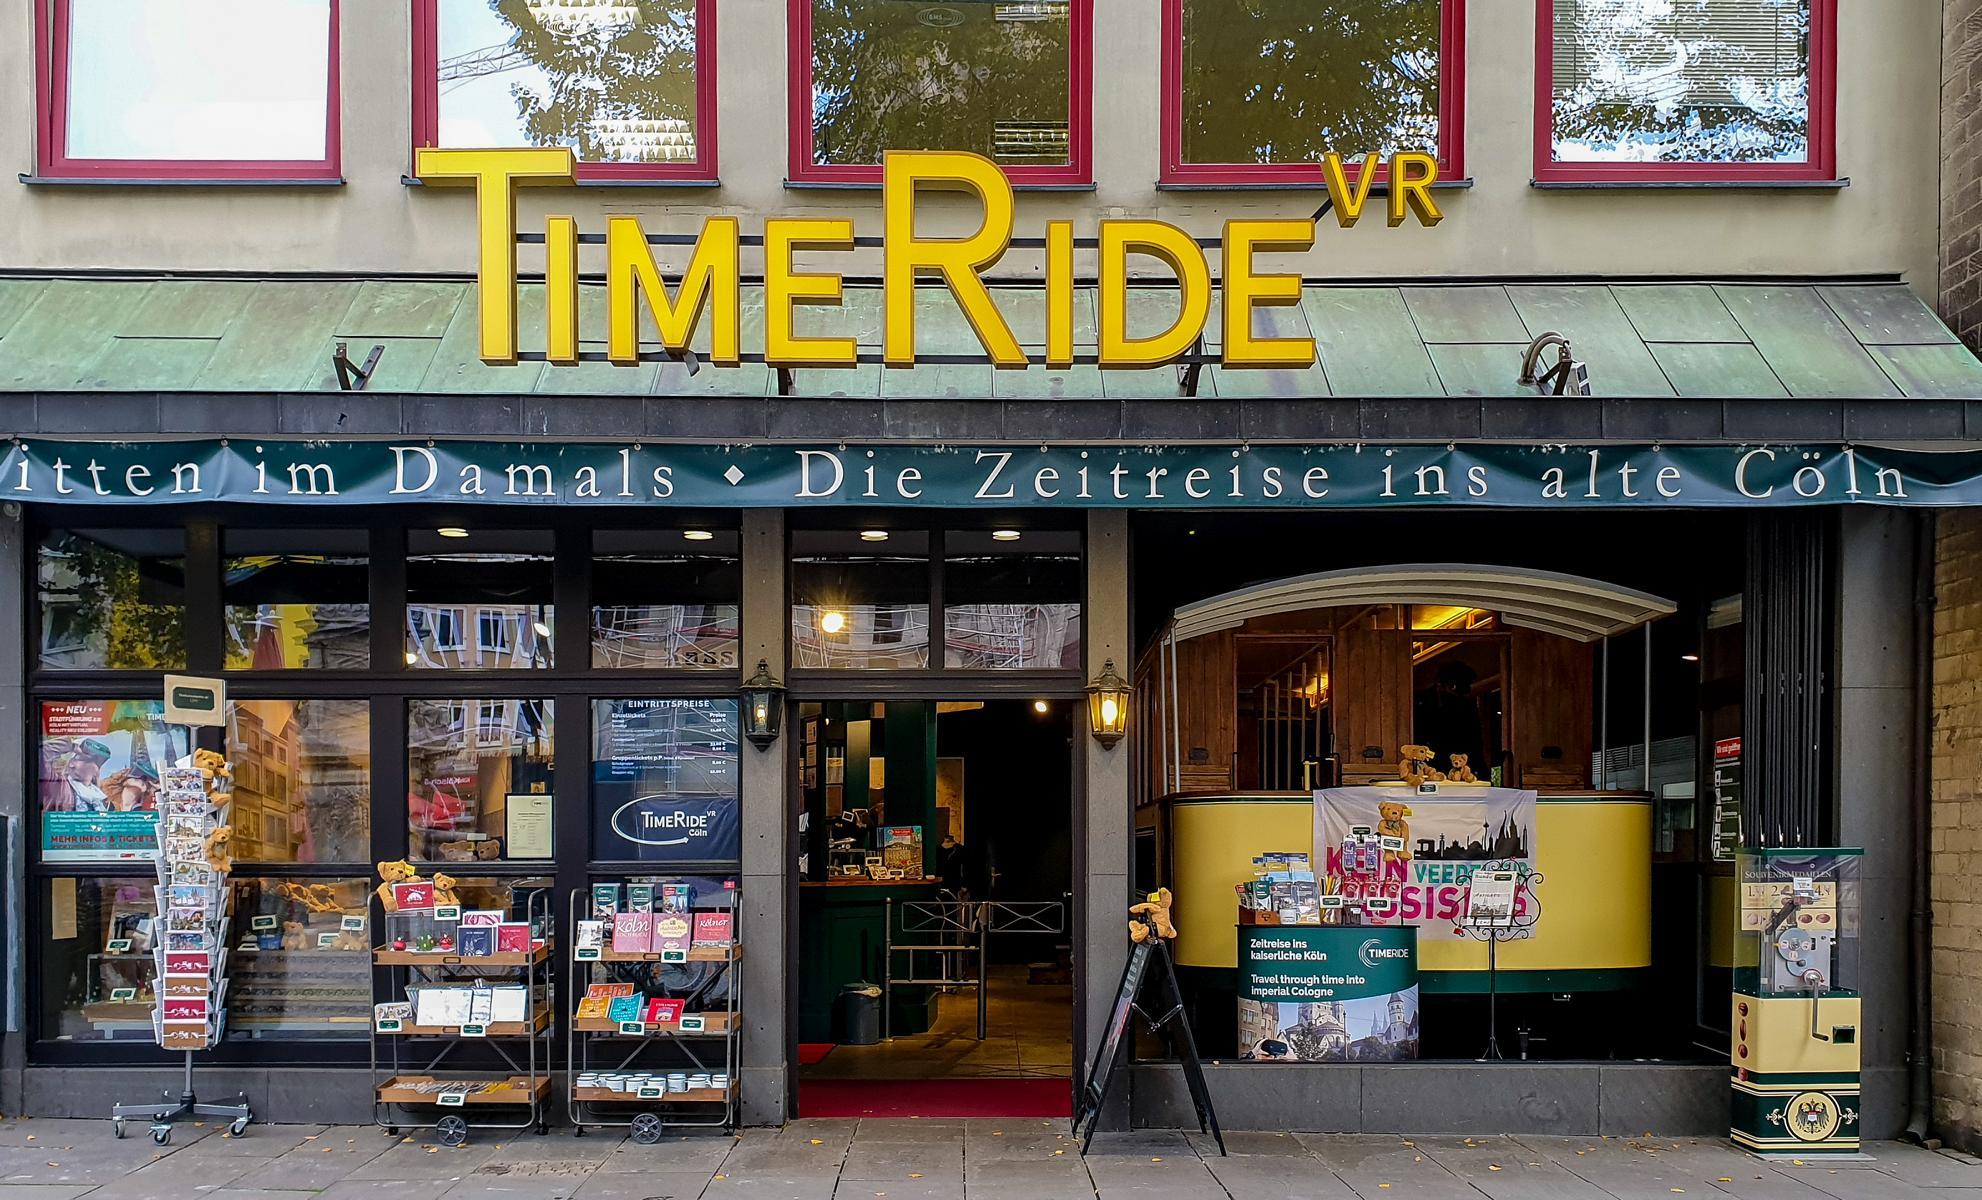 TimeRide VR Cöln am Alter Markt in Köln – mit der Straßenbahn in die Vergangenheit